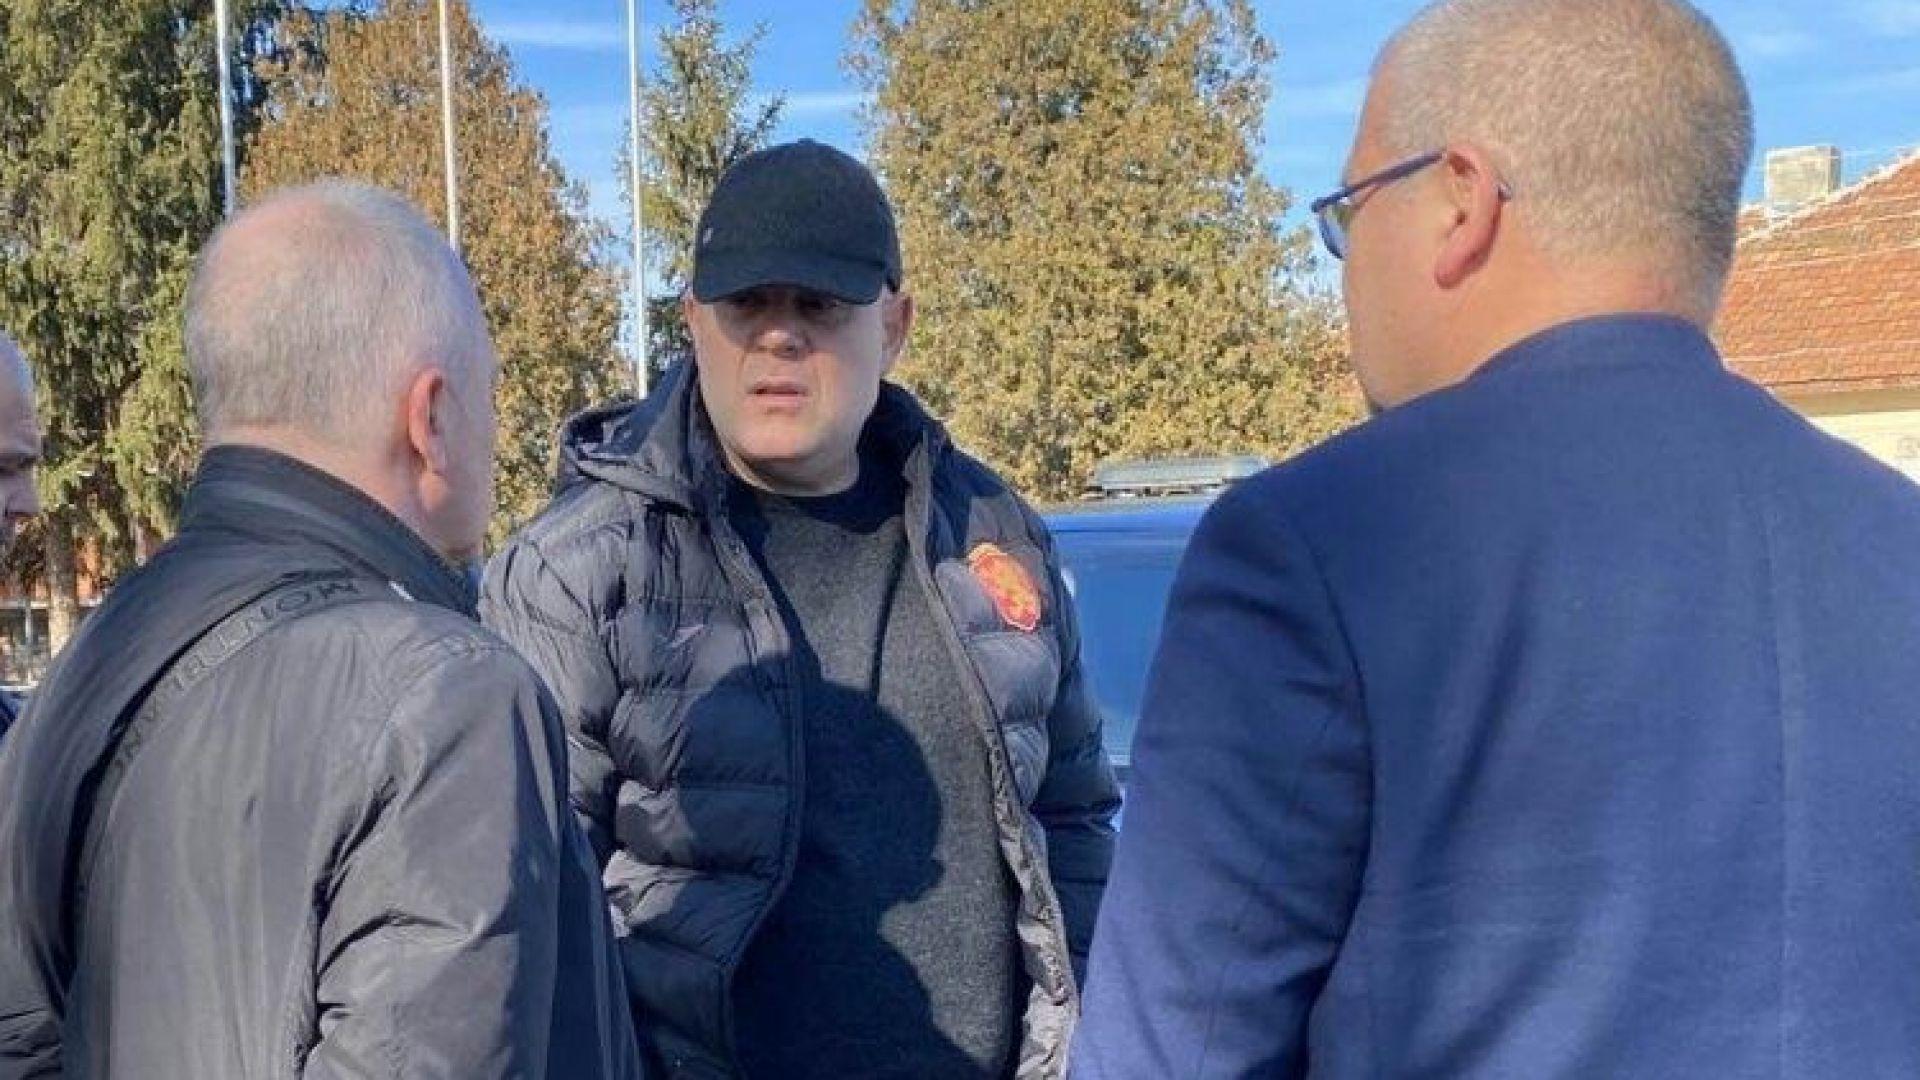 Неделна акция с 11 задържани във Варненско, Иван Гешев пристигна на място